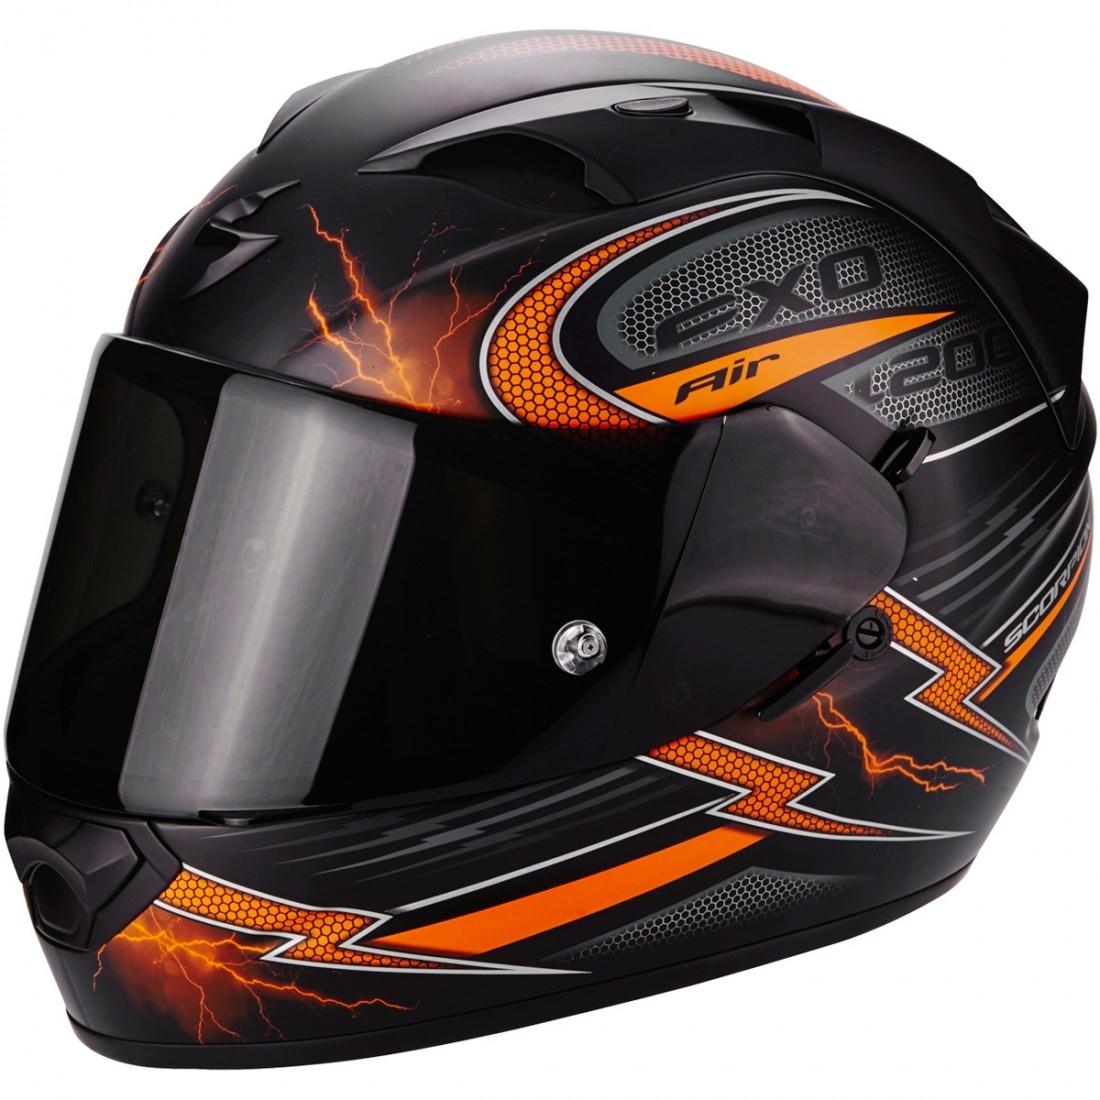 casque scorpion exo 1200 air fulgur matt black orange motocard. Black Bedroom Furniture Sets. Home Design Ideas